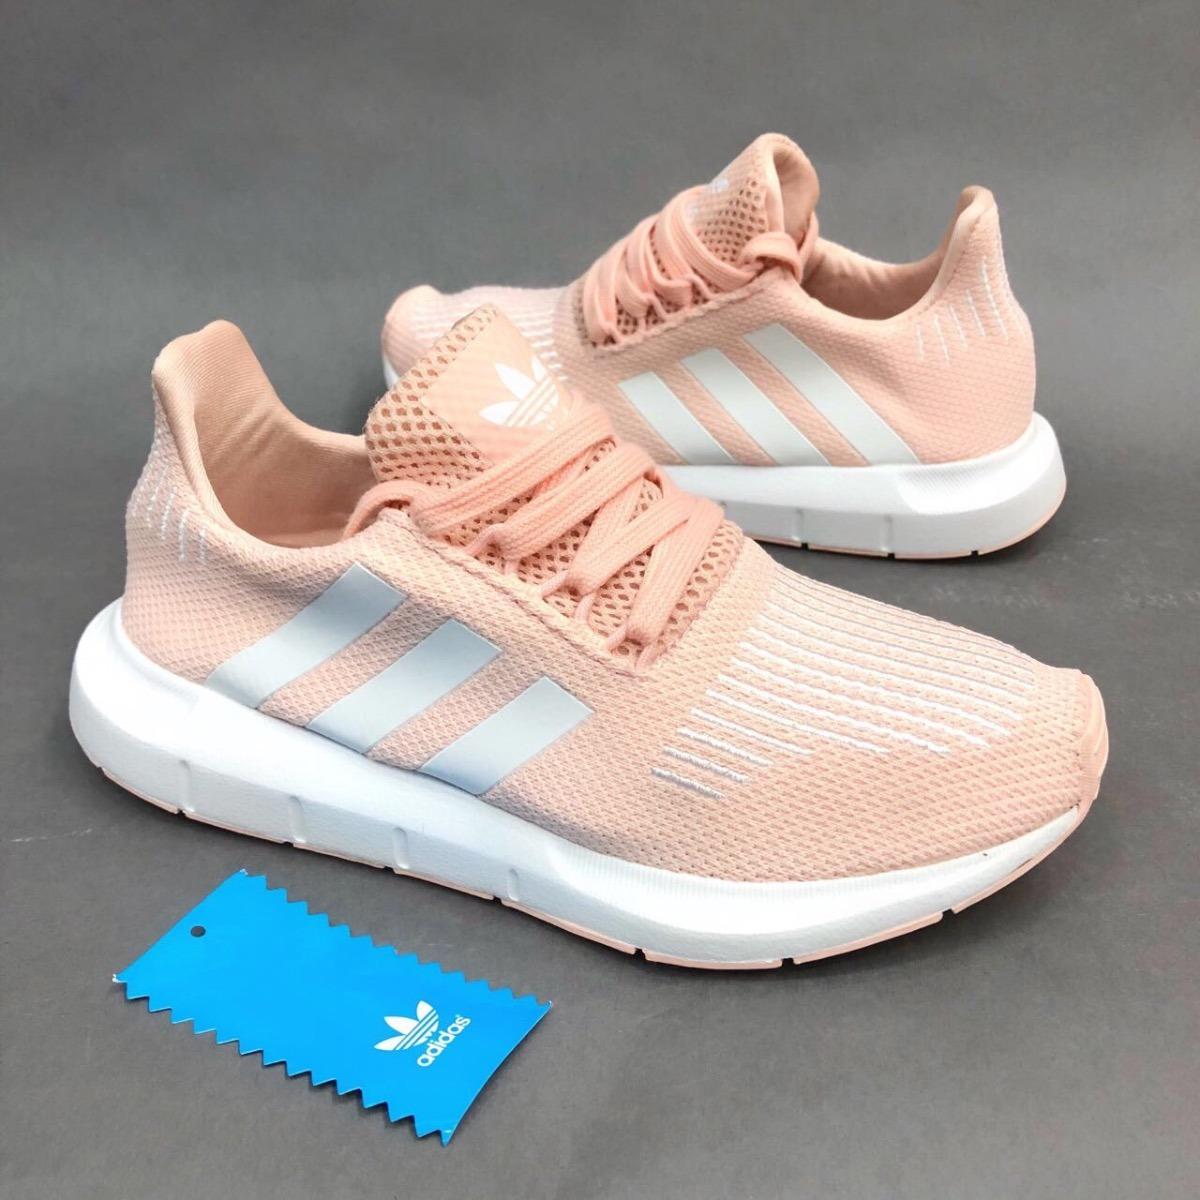 Tenis Zapatillas adidas Swift Run Rosada Mujer Env Gr -   164.900 en ... 57f3e380e16e2